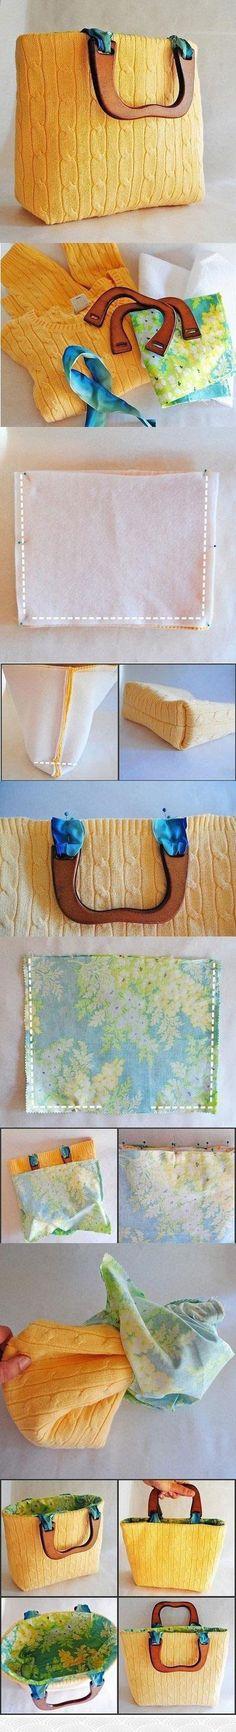 DIY: Fashion Ideas